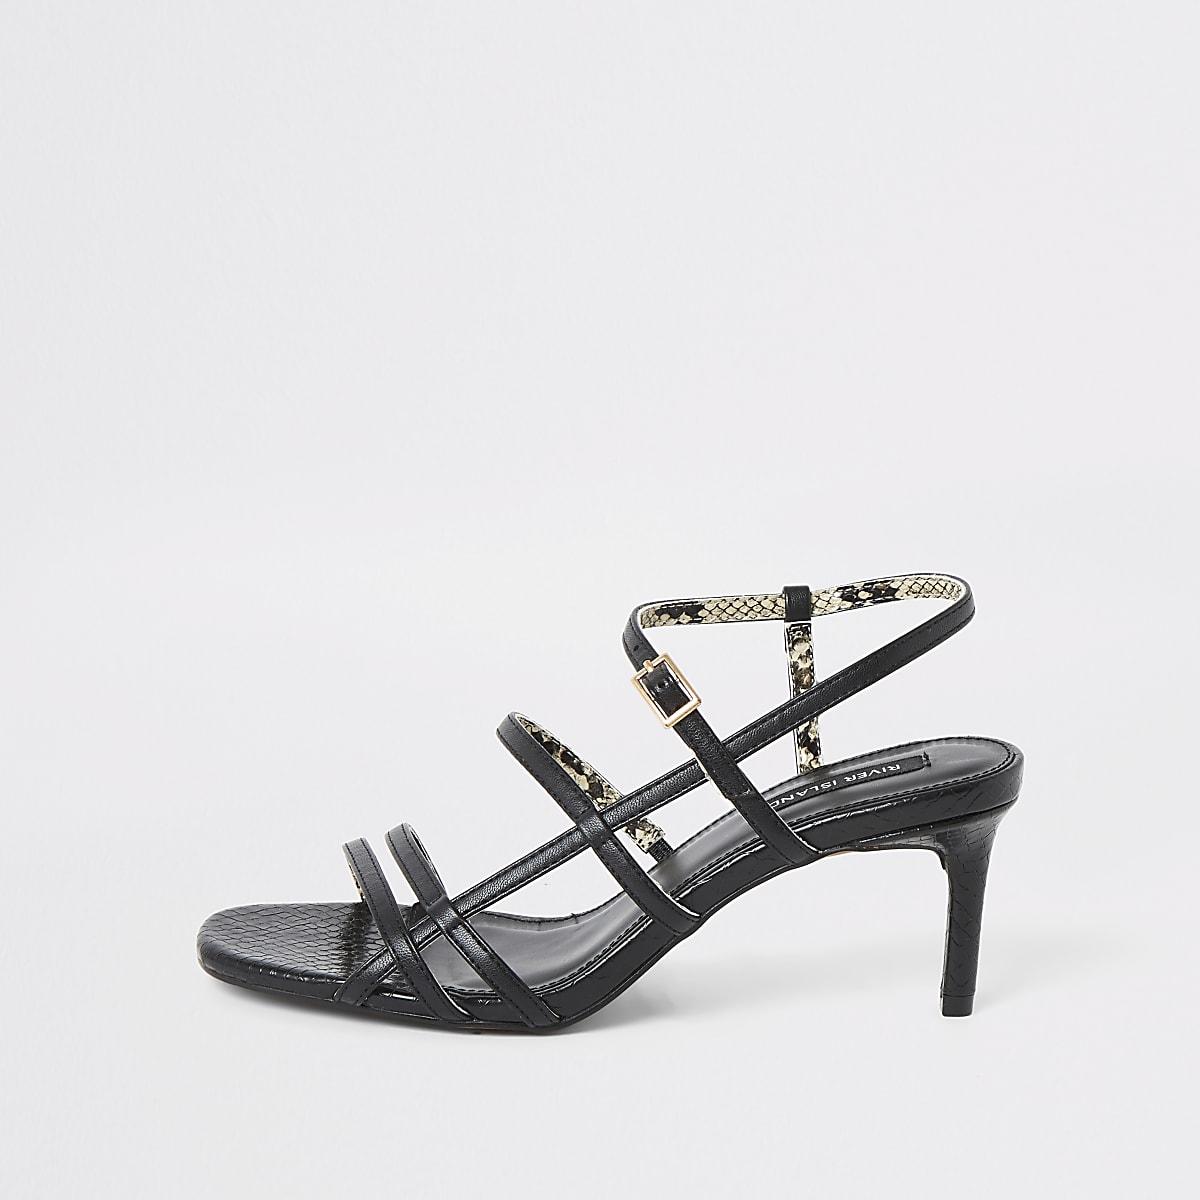 Black caged skinny heel sandals